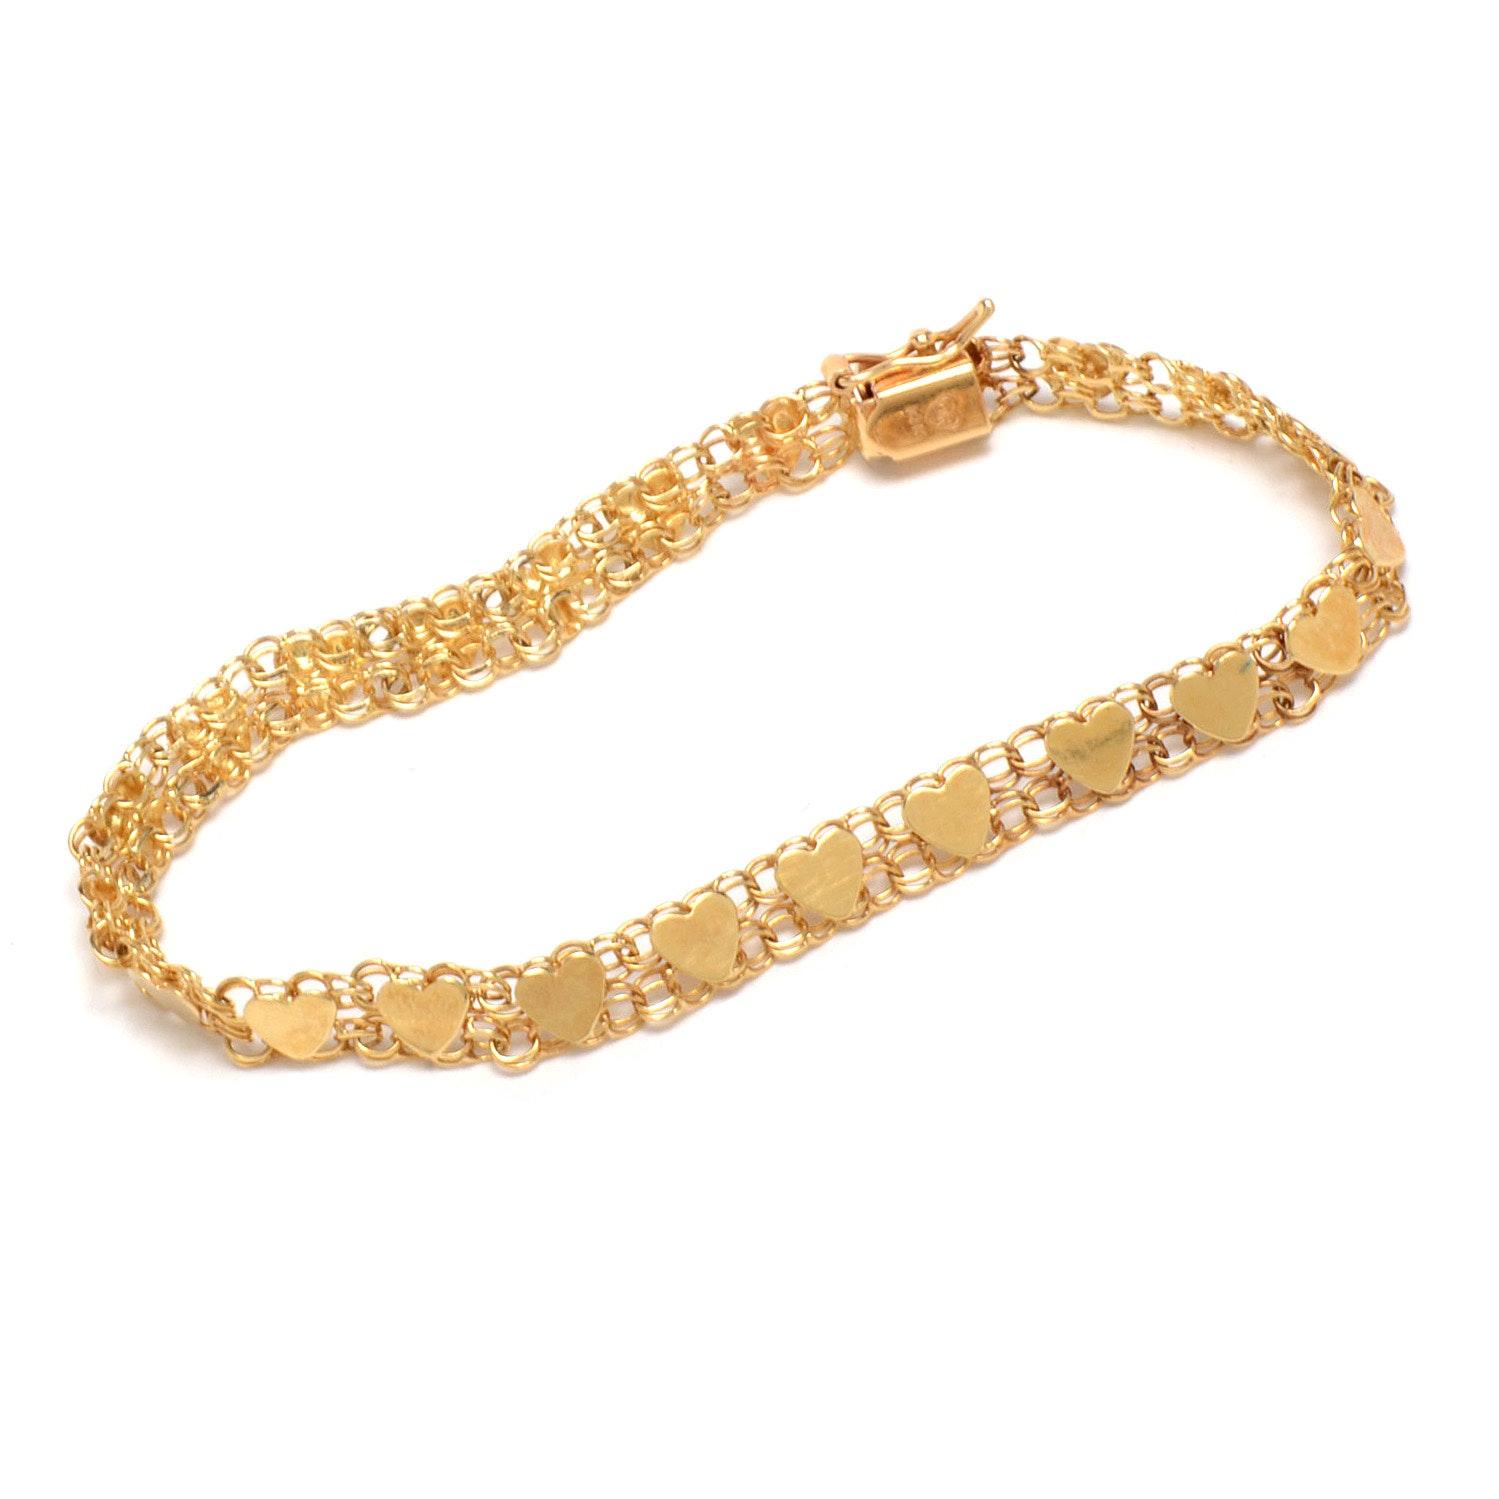 14K Yellow Gold Heart Shape Link Bracelet